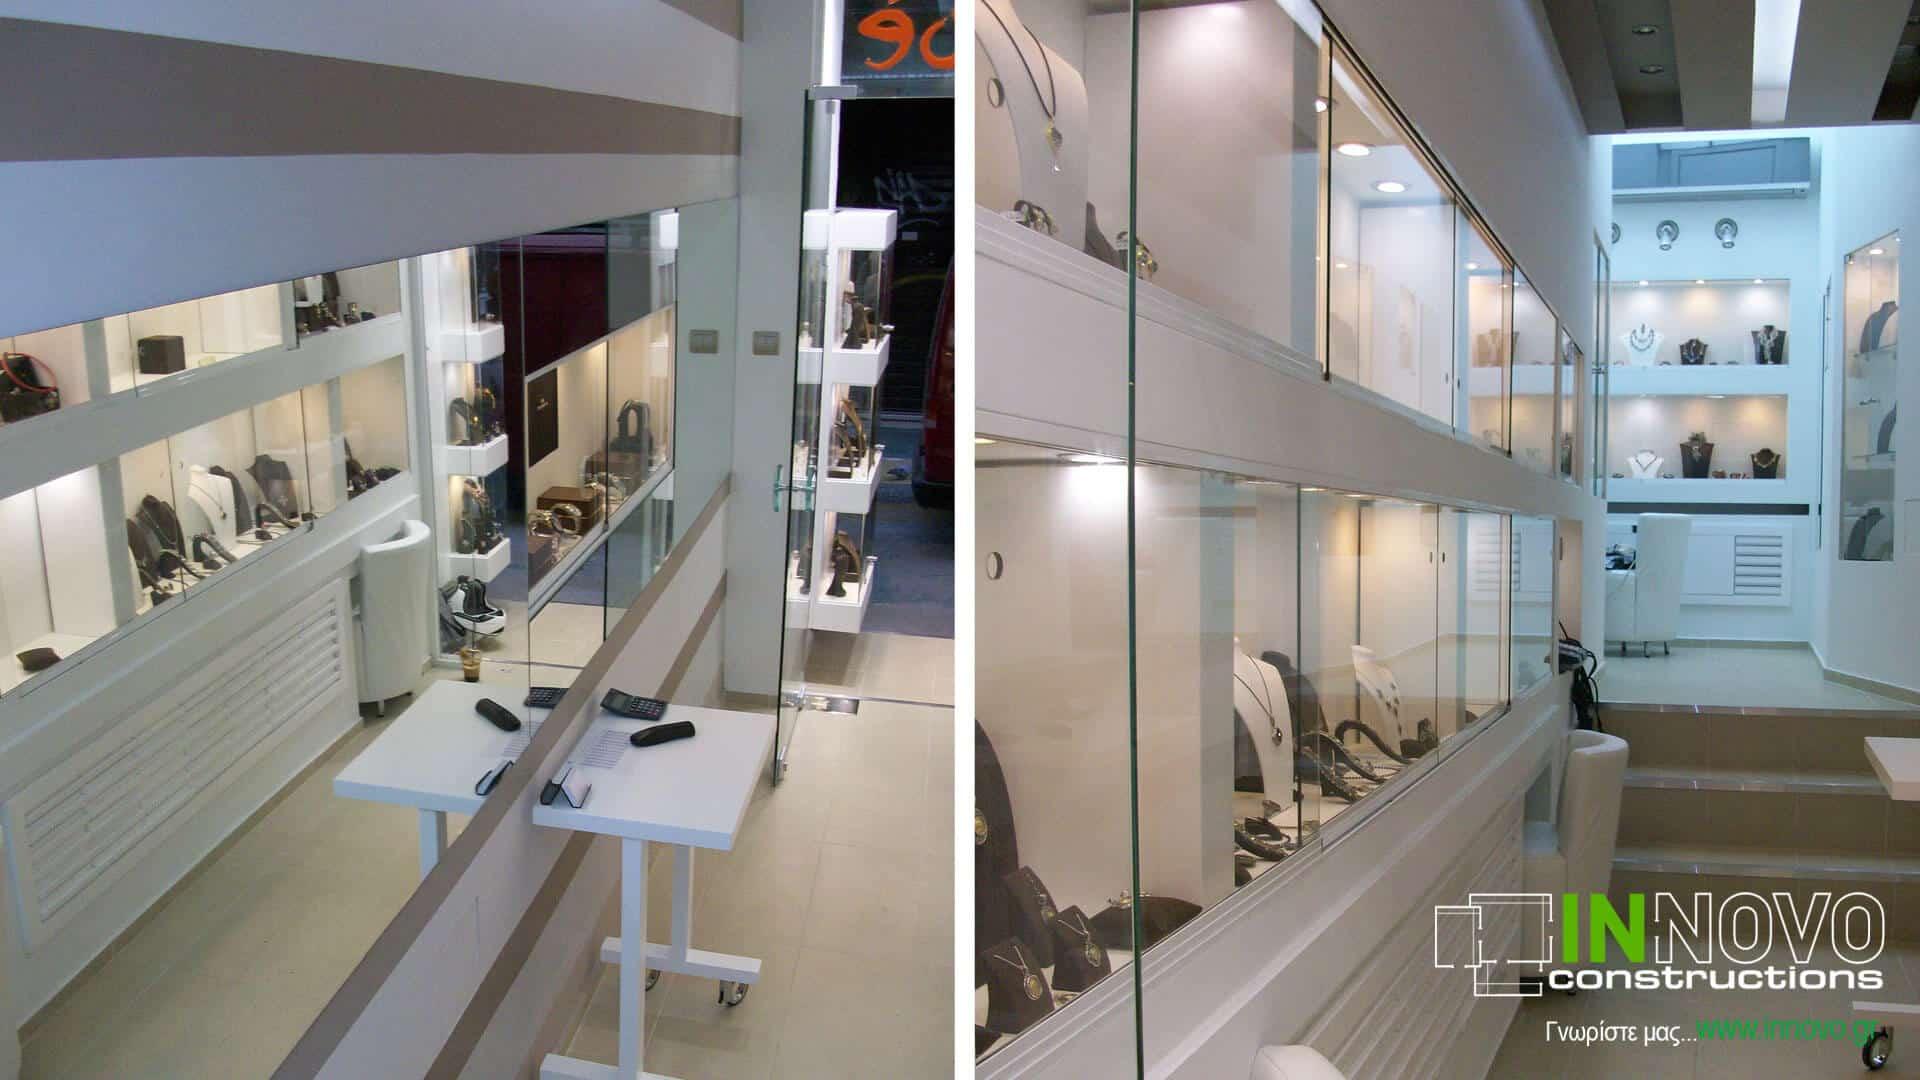 kataskevi-kosmimatopoleiou-jewelry-construction-kosmimatopoleio-monastiraki-1120